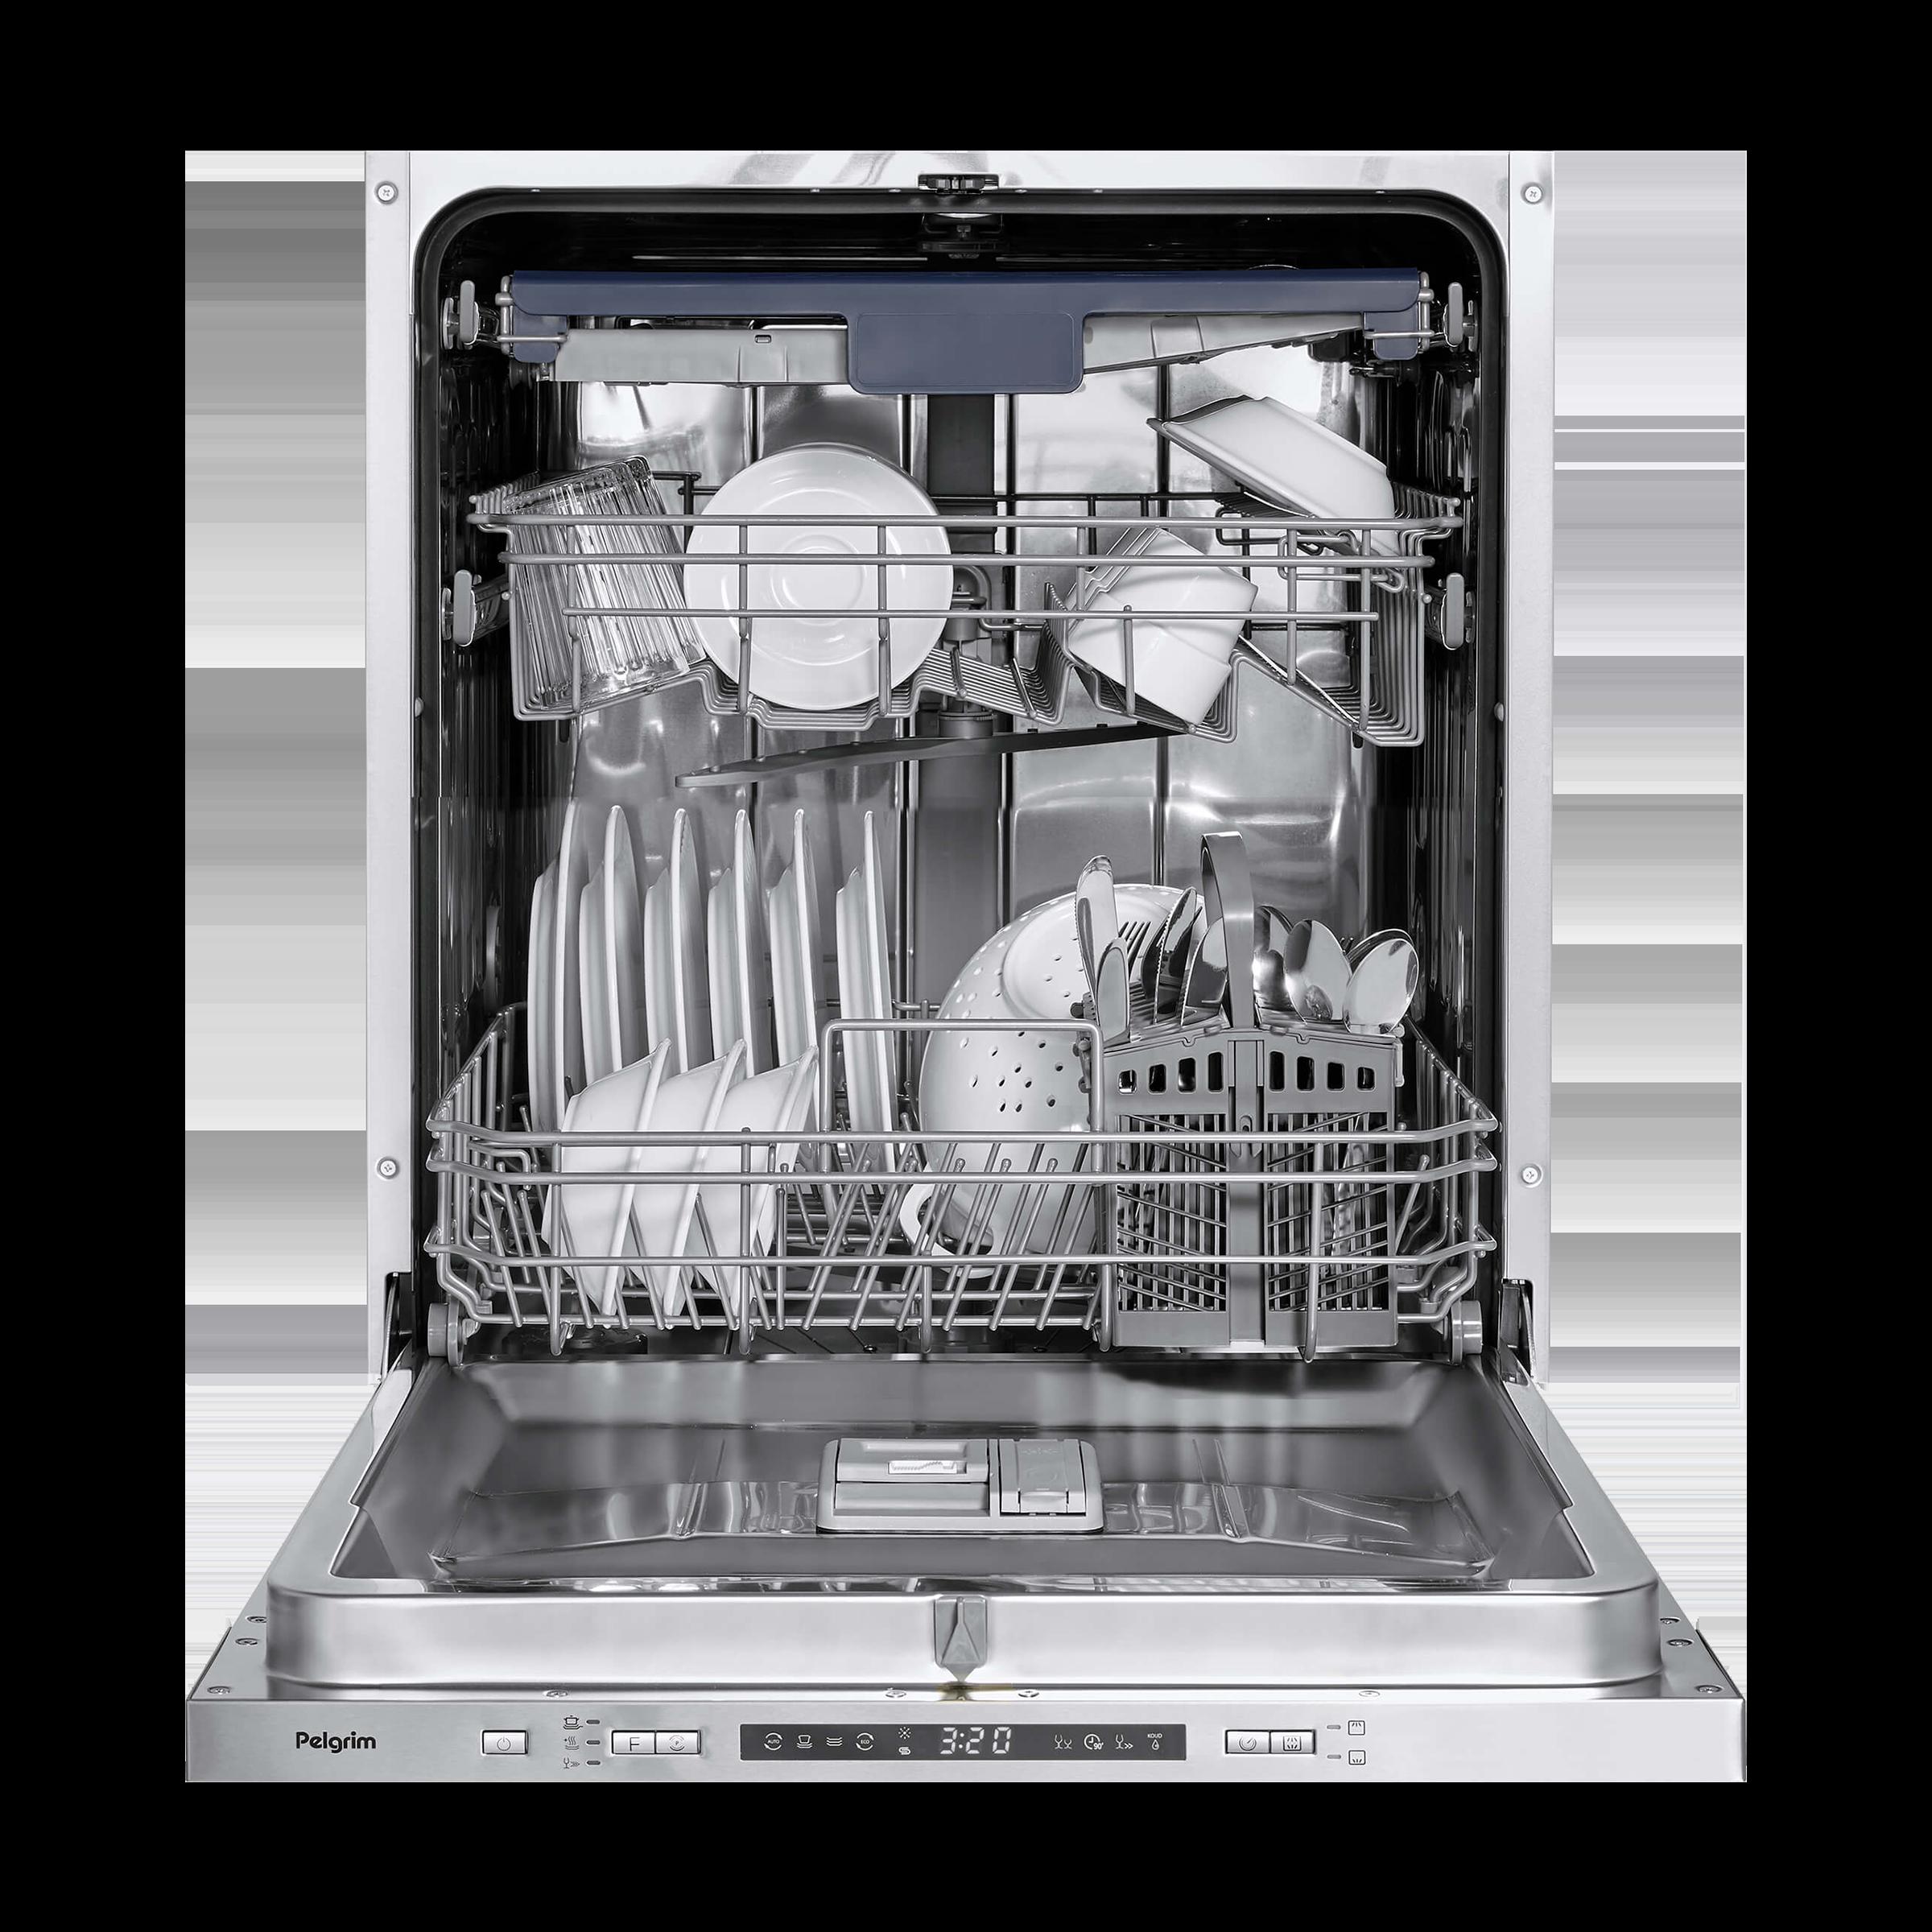 Lave-vaisselle, 82 cm de haut, tiroir à couverts supplémentaire